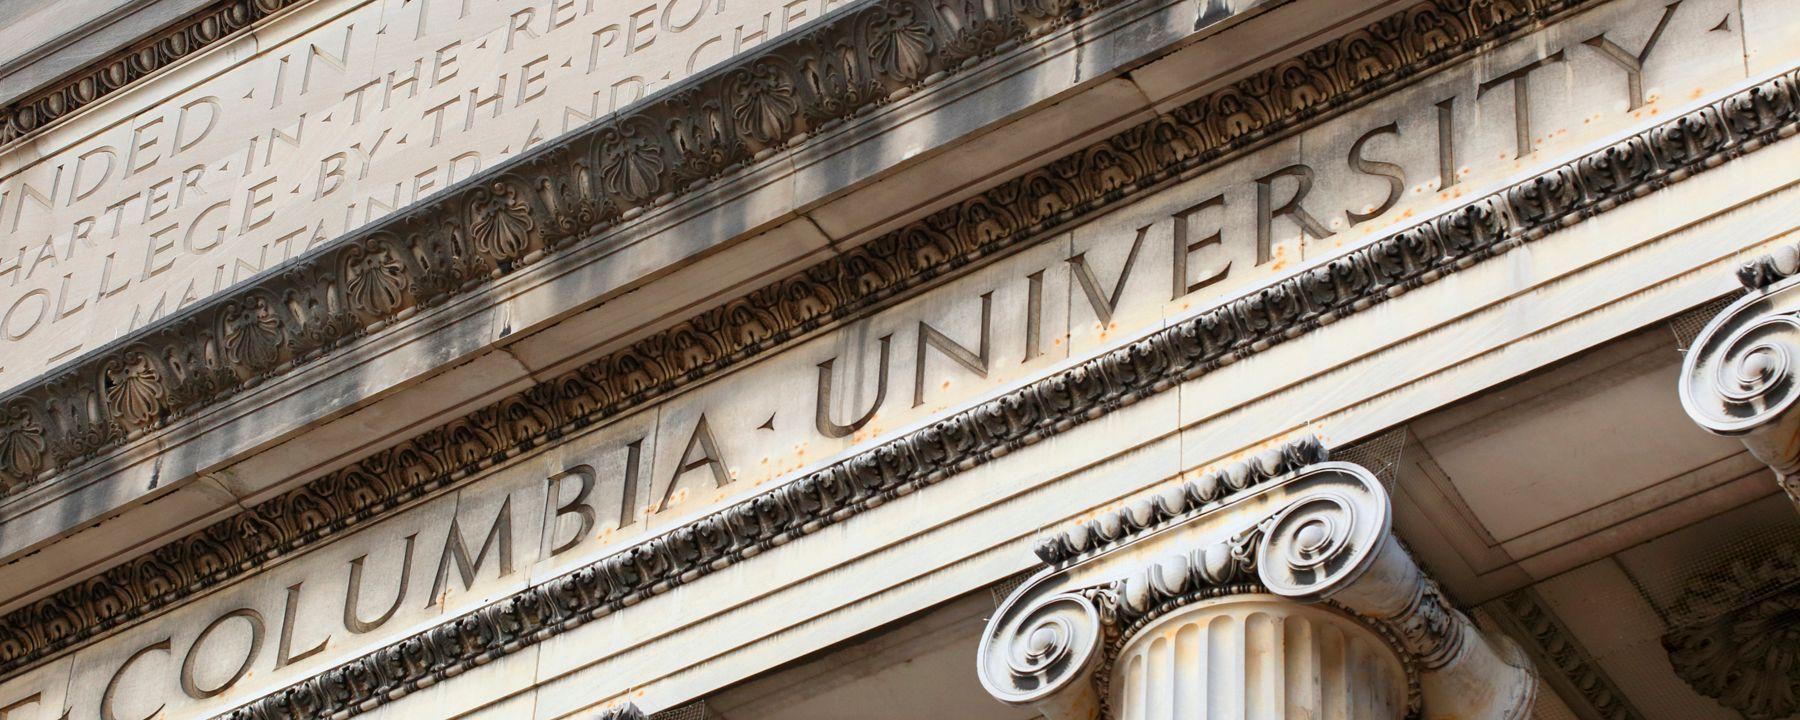 Columbia University Postdocs Vote to Unionize